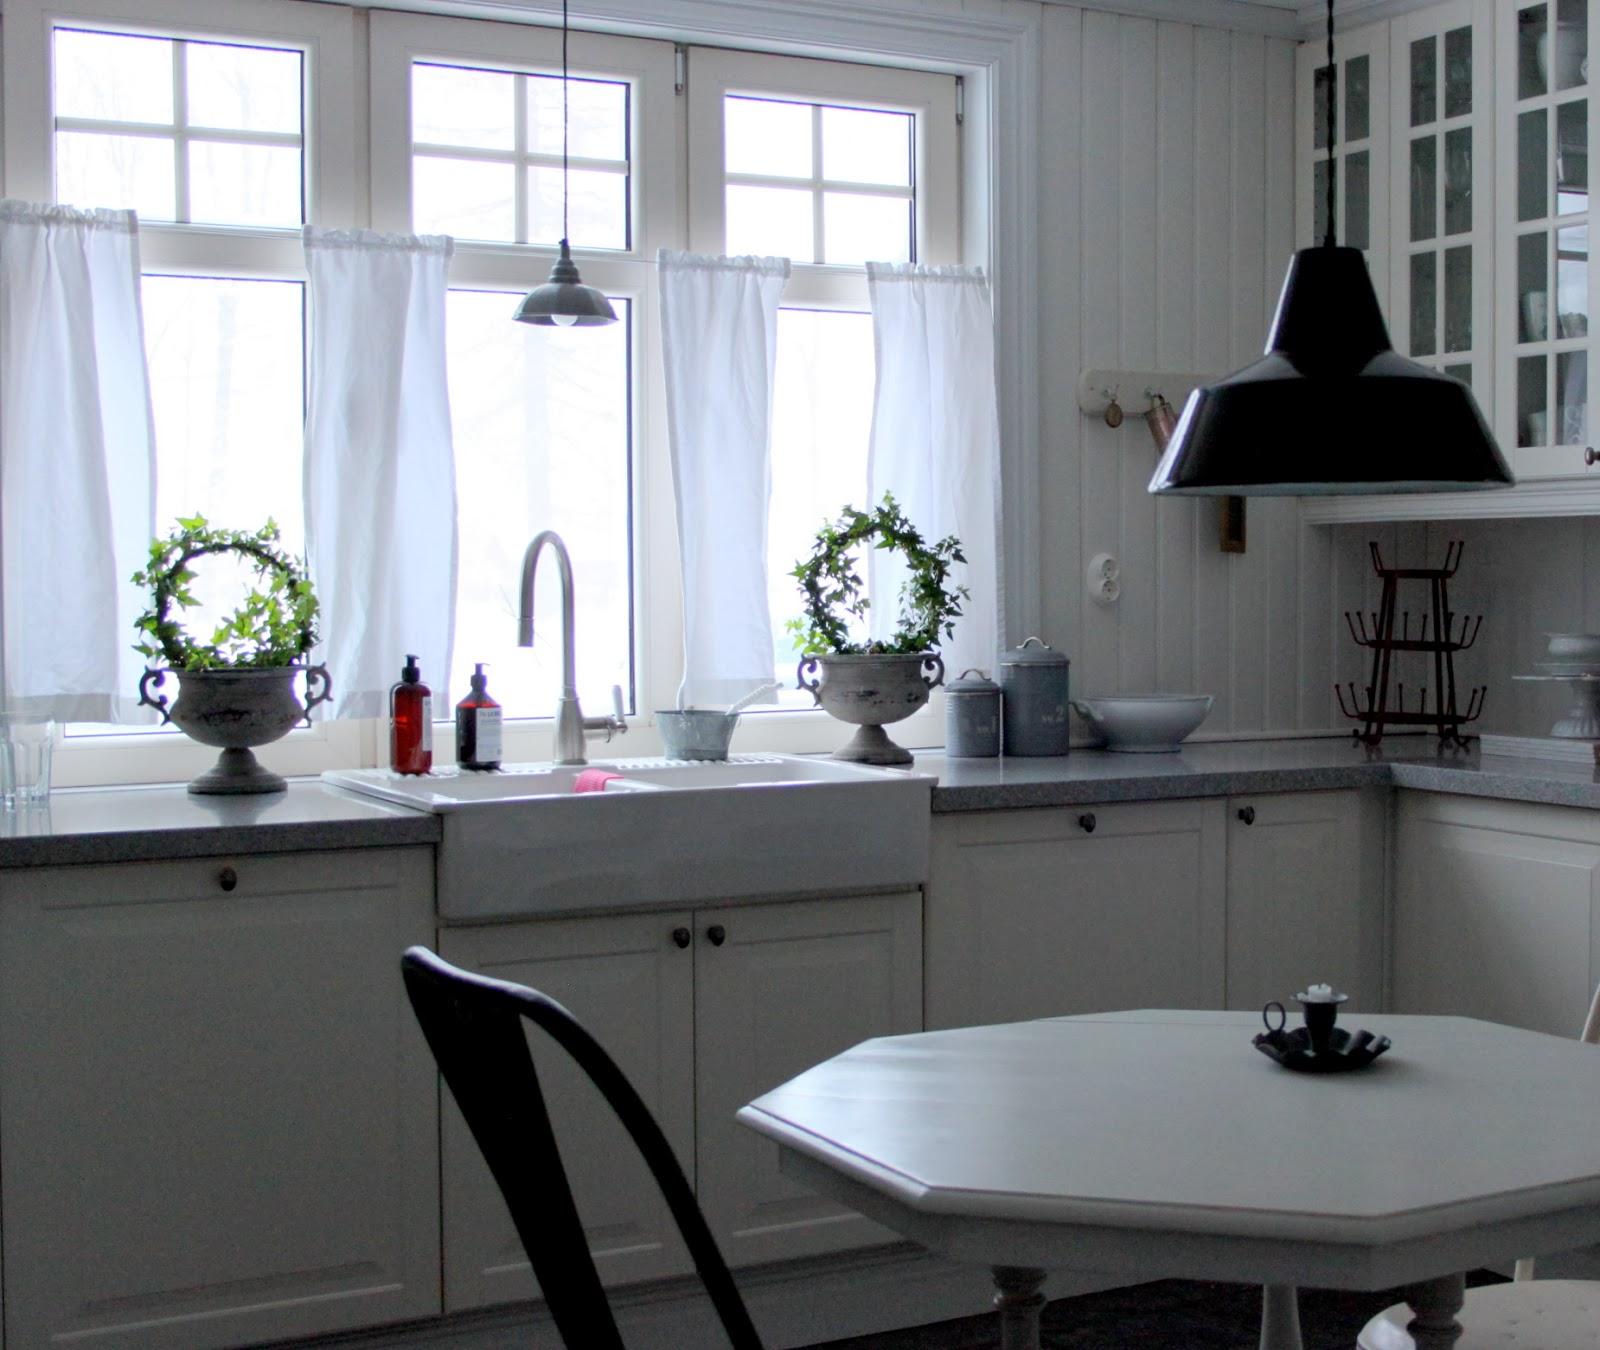 Add: design / anna stenberg / lantligt på svanängen: mina fulaste ...